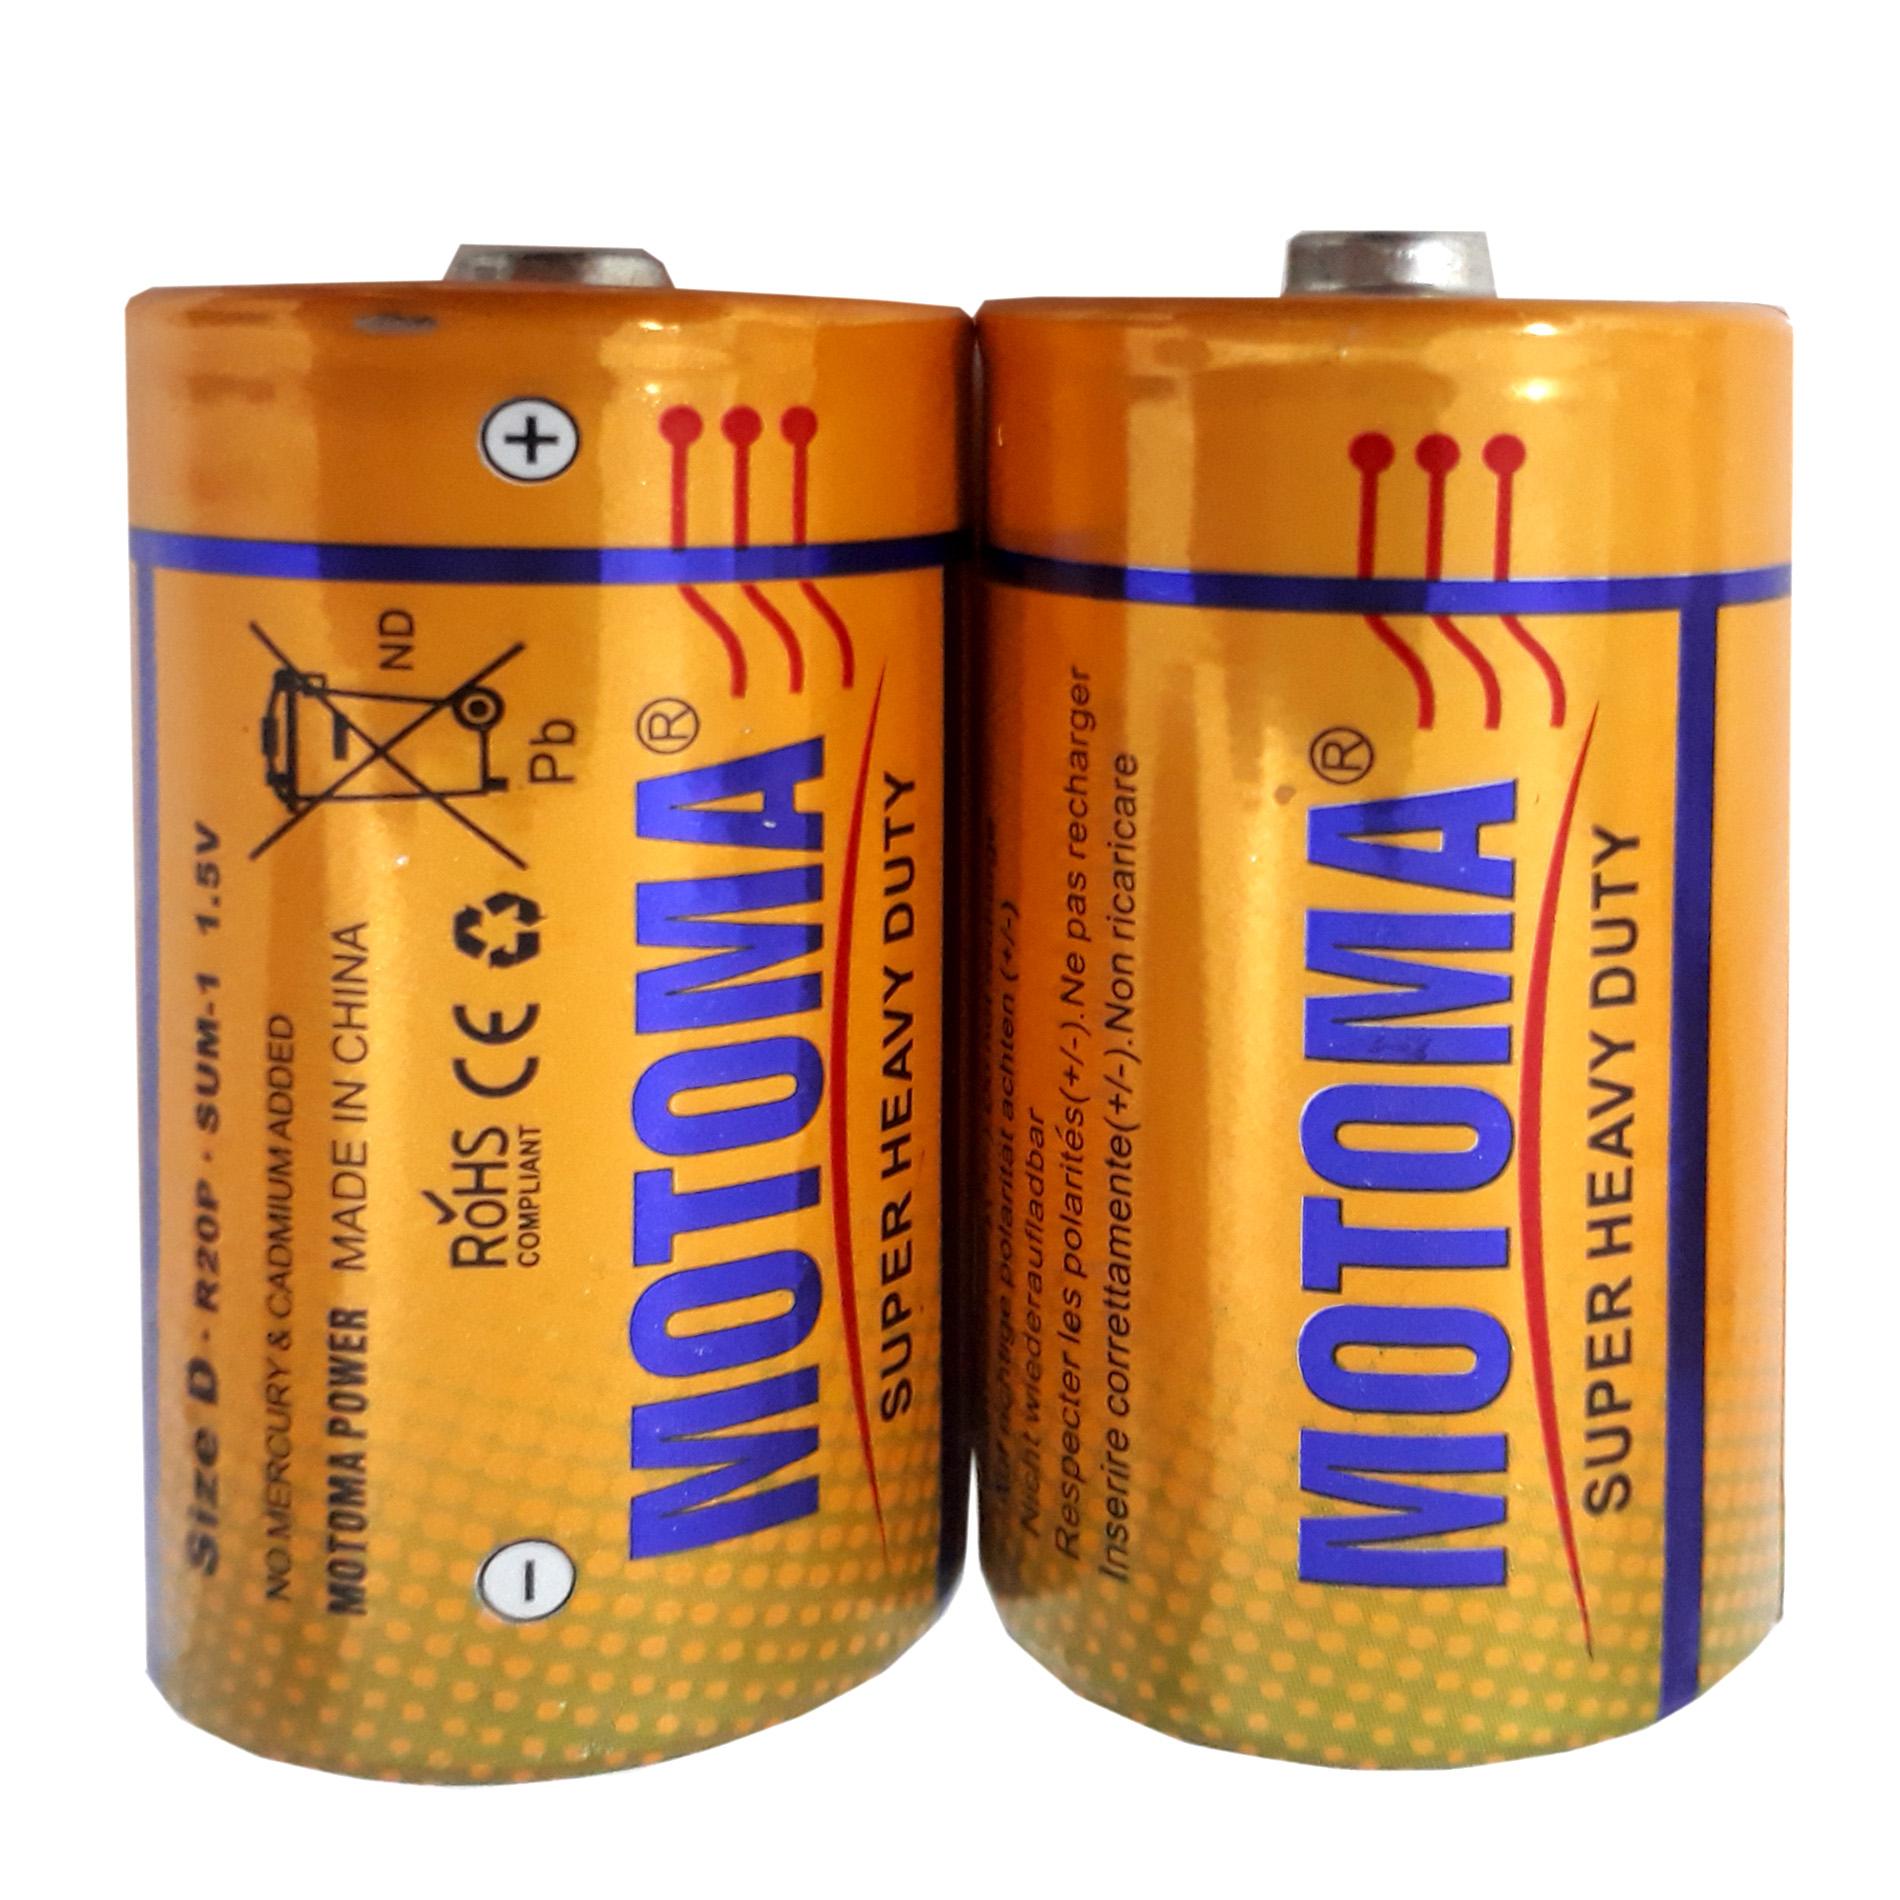 بررسی و {خرید با تخفیف} باتری D موتوما کد 08 بسته ۲ عددی اصل